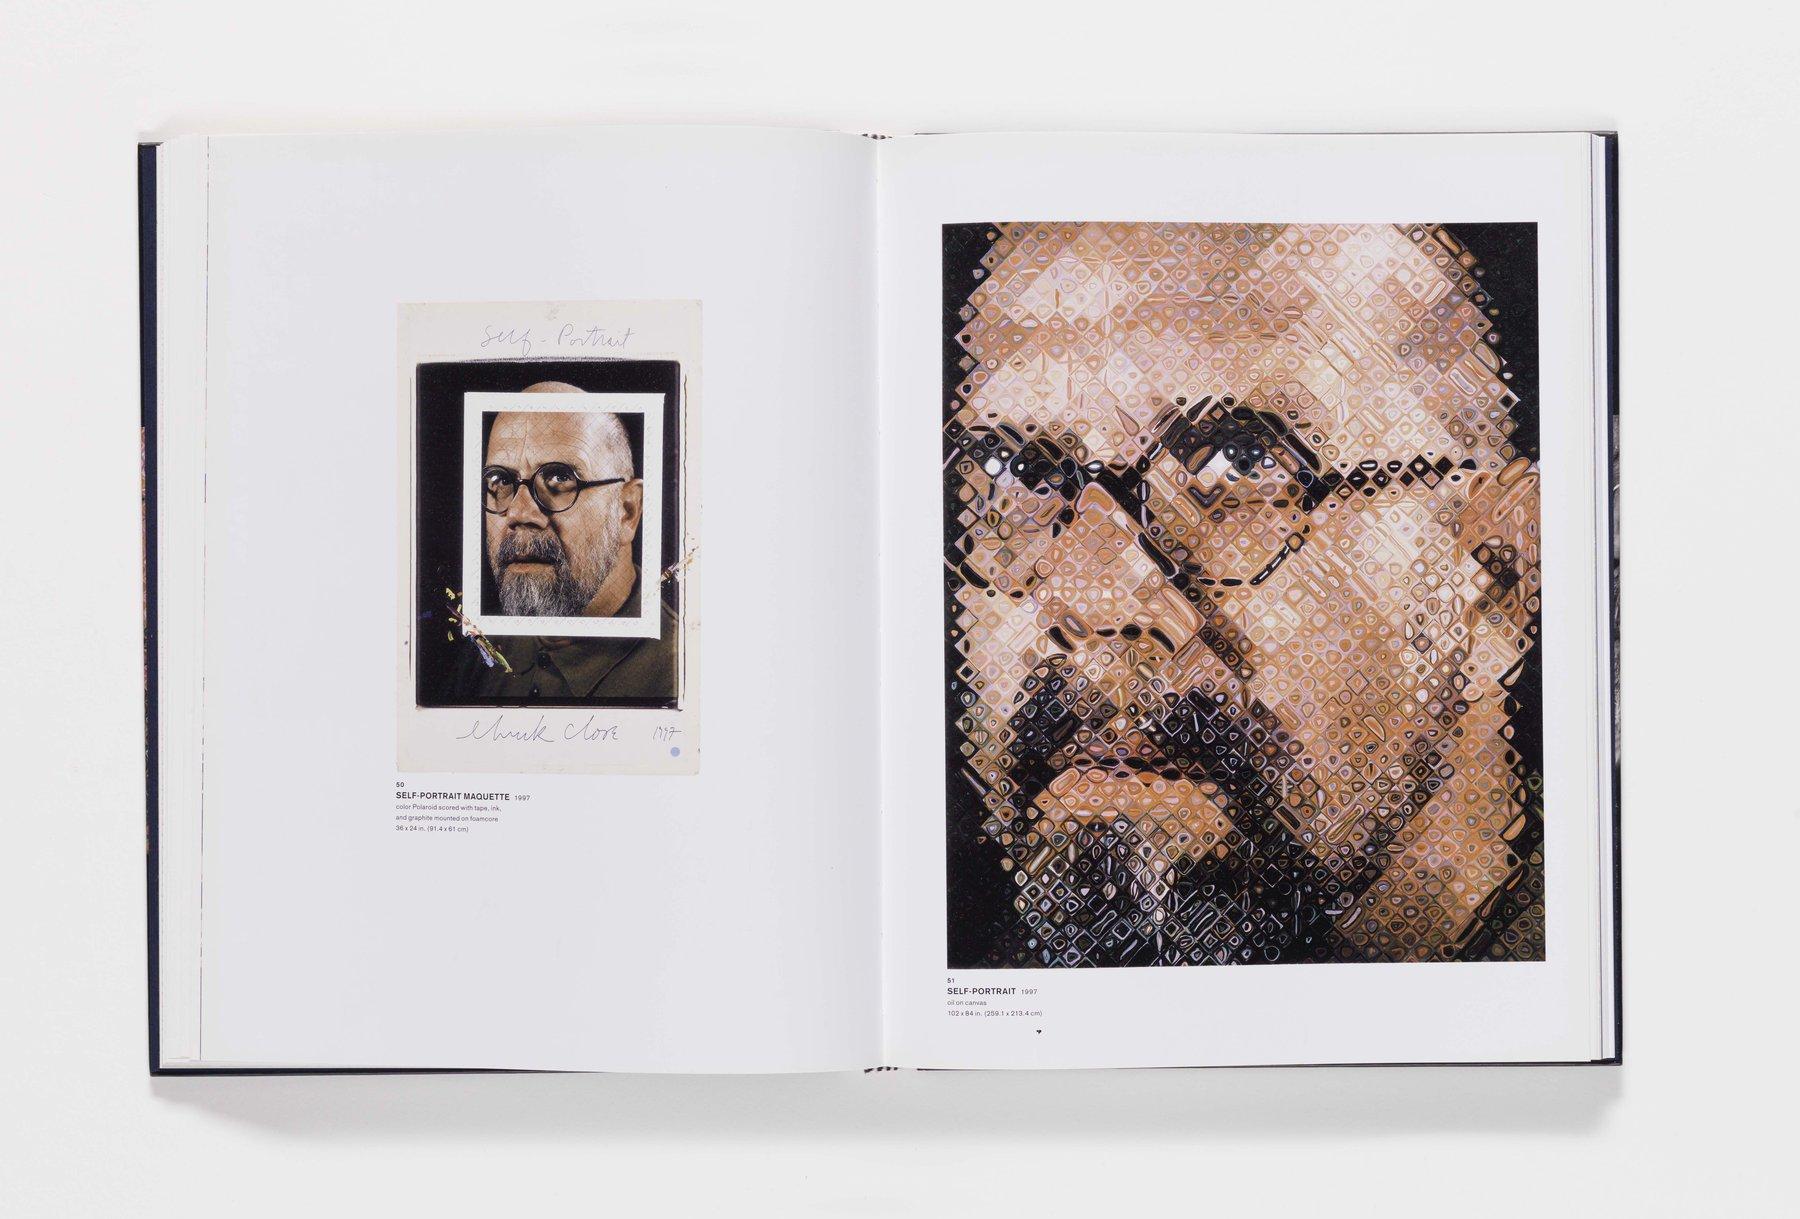 Chuck Close Self-Portraits publication pages 50_51